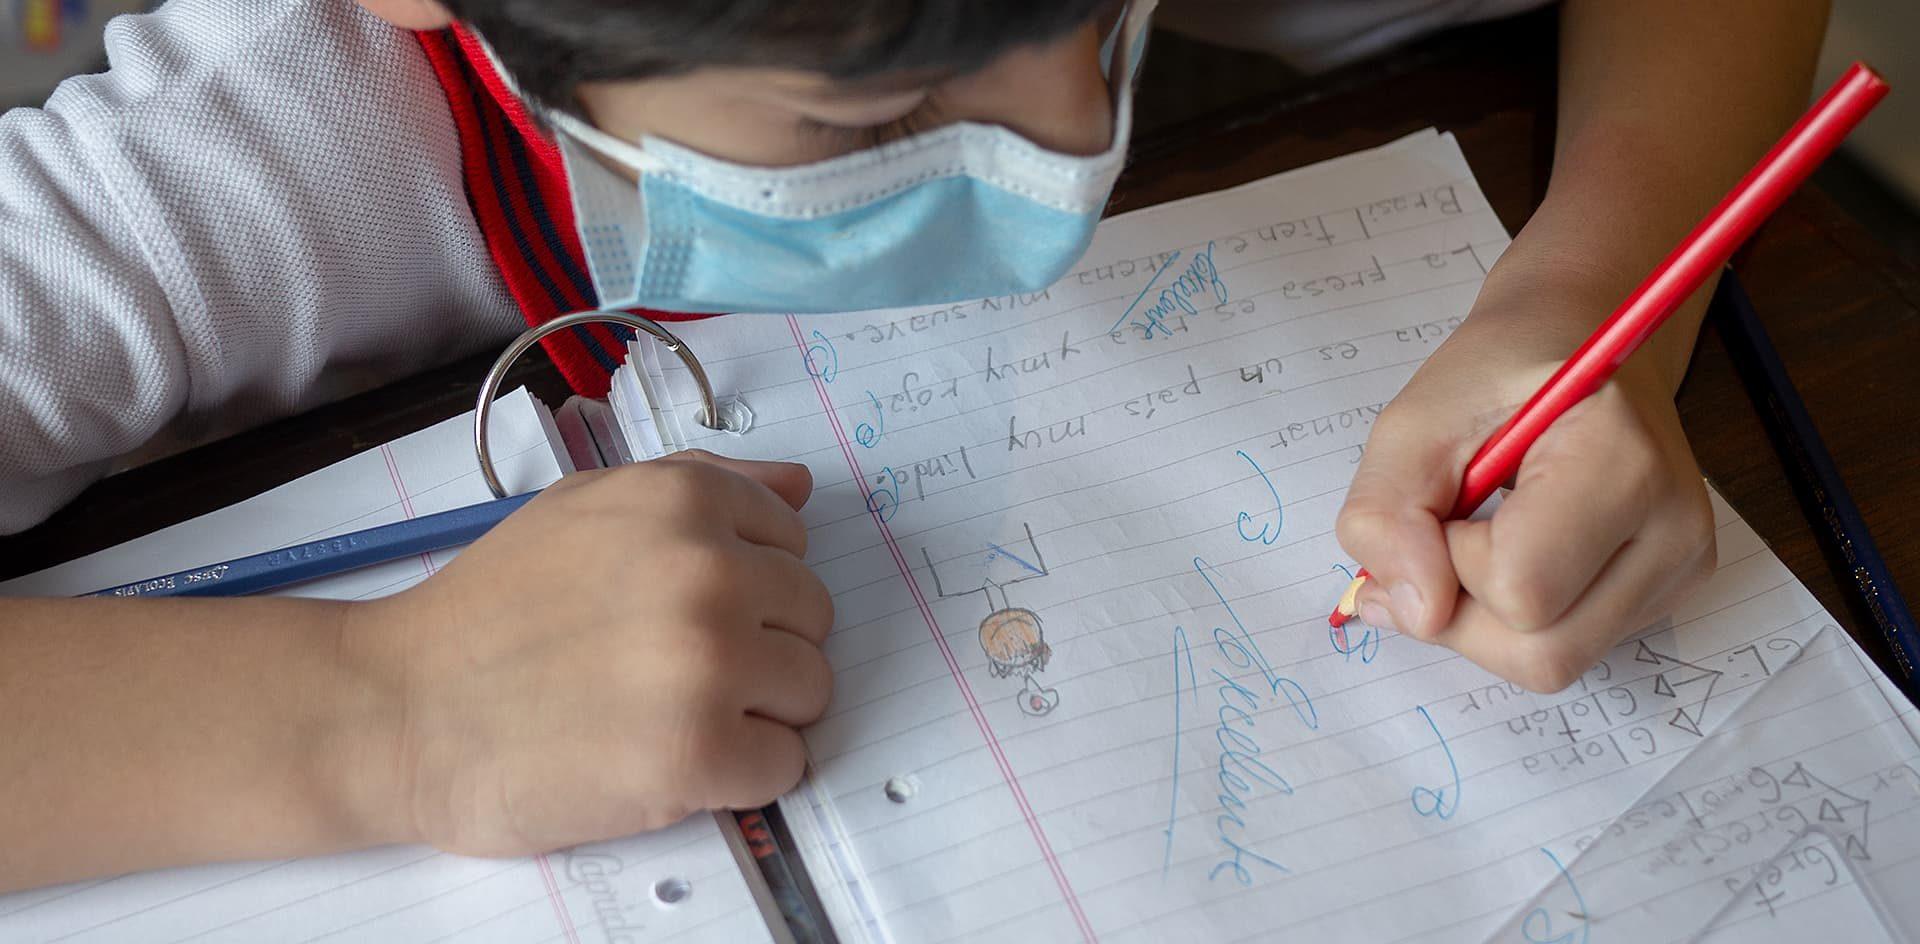 Estudiantes con altas capacidades intelectuales: diseñan una escala para evaluar las estrategias más efectivas contra el aburrimiento en clase